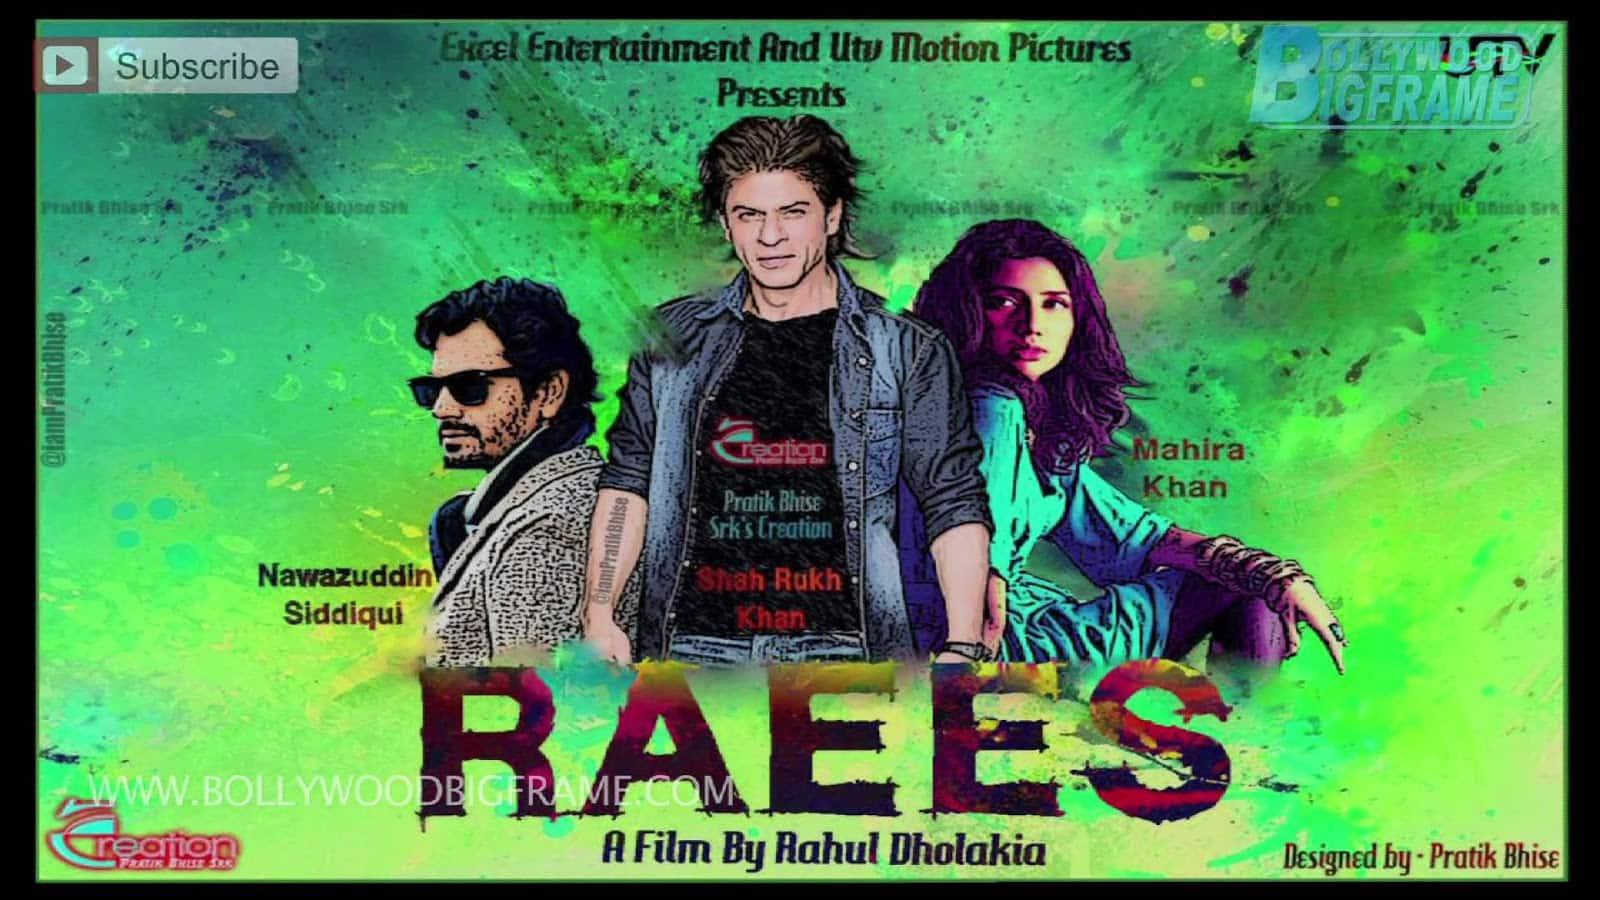 SRK's Raees Isn't Based on Abdul Latif - फ़िल्म 'रईस' से जुड़ी अफवाहों पर शाहरुख़ ने अपनी चुप्पी तोड़ी !